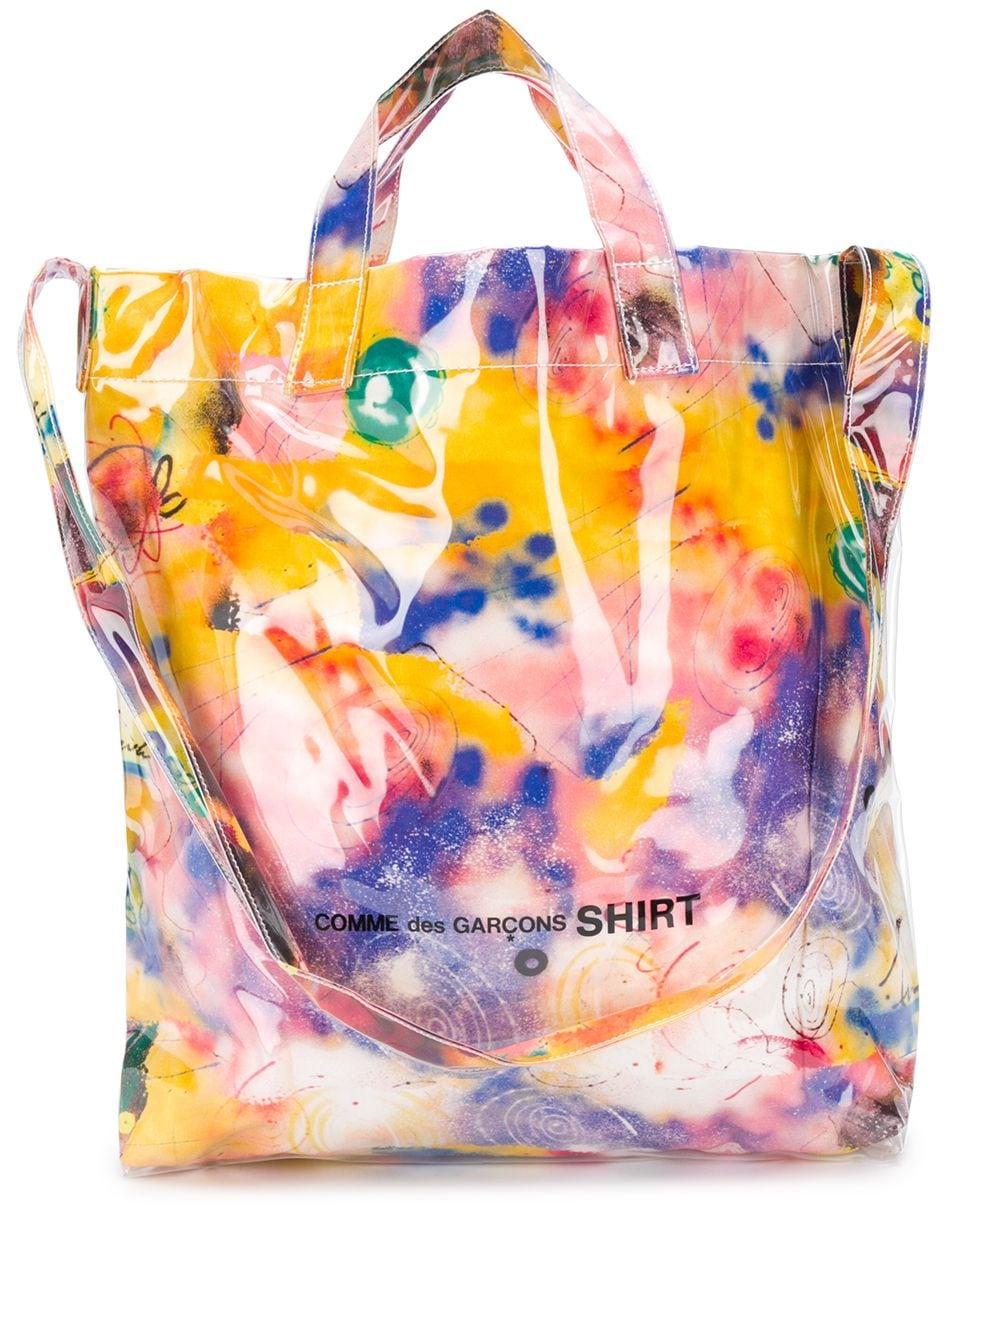 <p class='small-title'>COMME DES GARçONS SHIRT</p>COMME DES GARCONS Futura 2000 Bag